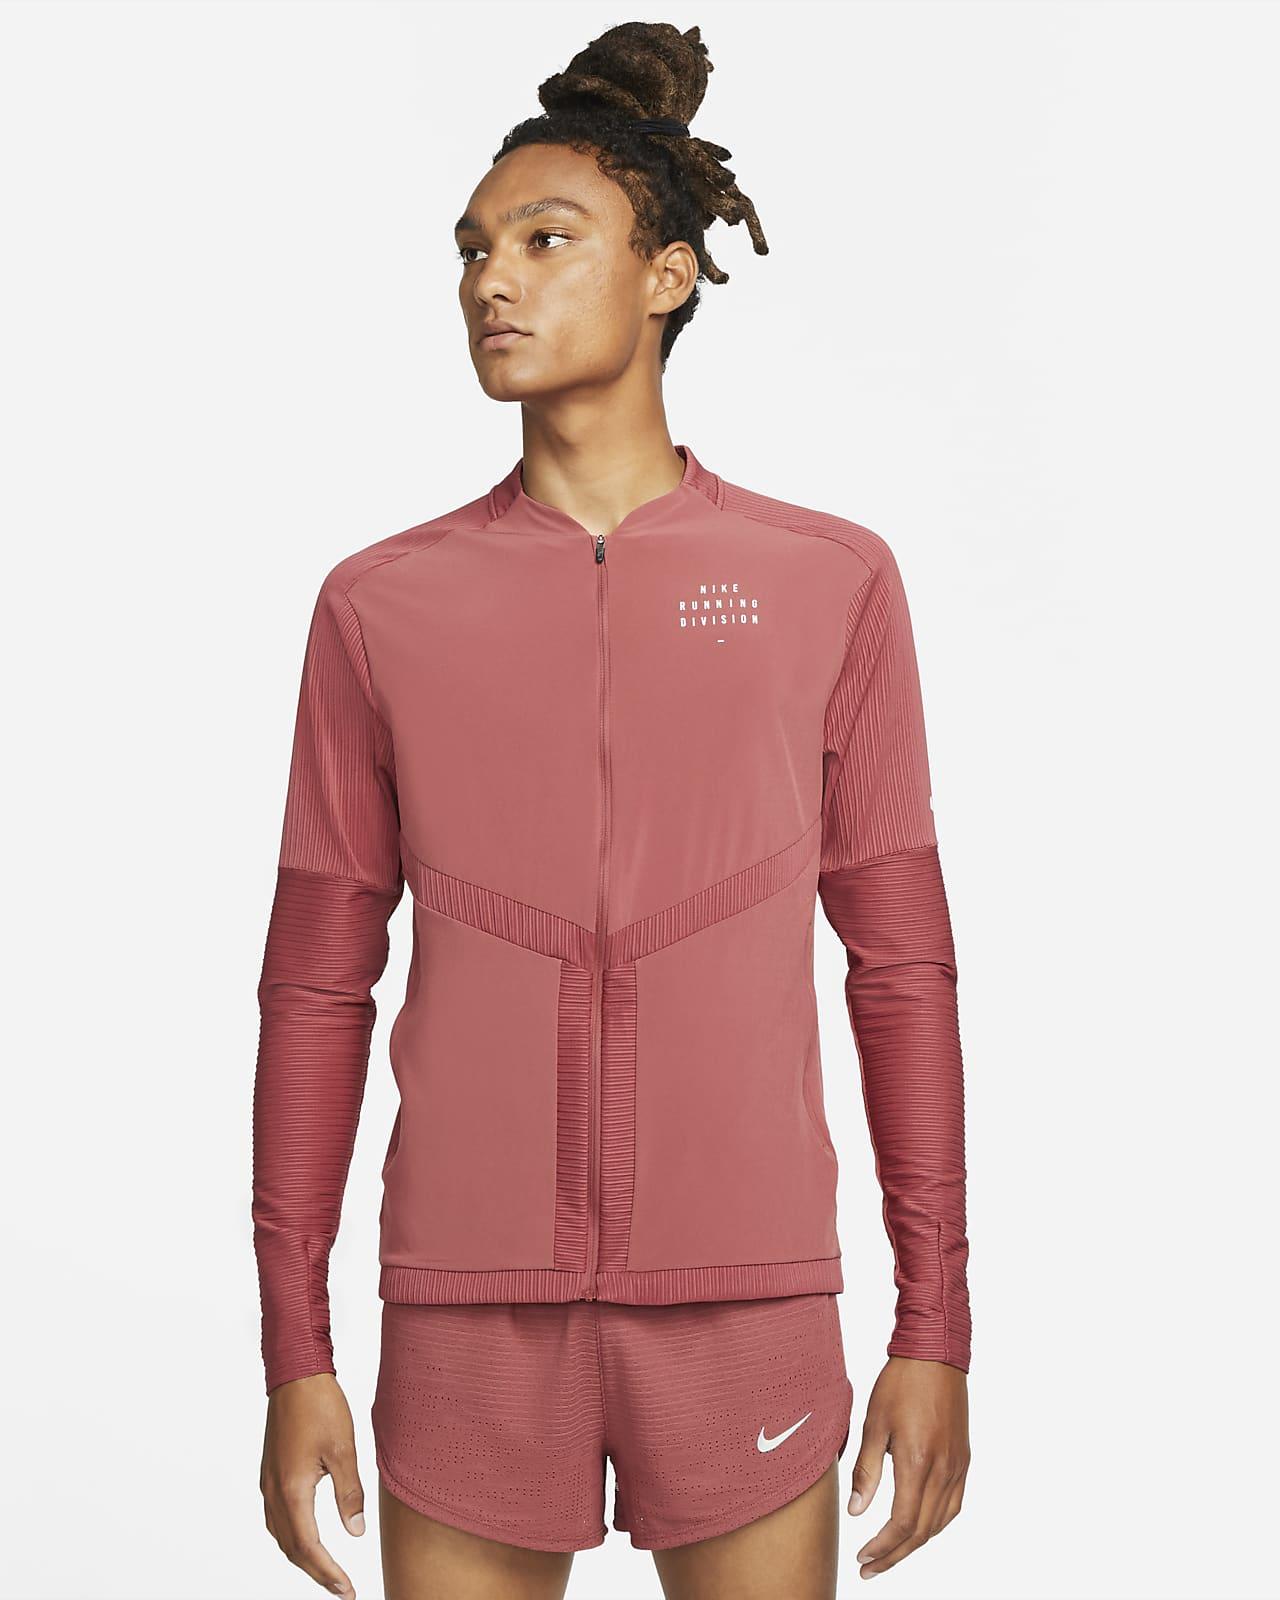 Maglia da running con zip a tutta lunghezza Nike Dri-FIT Run Division - Uomo